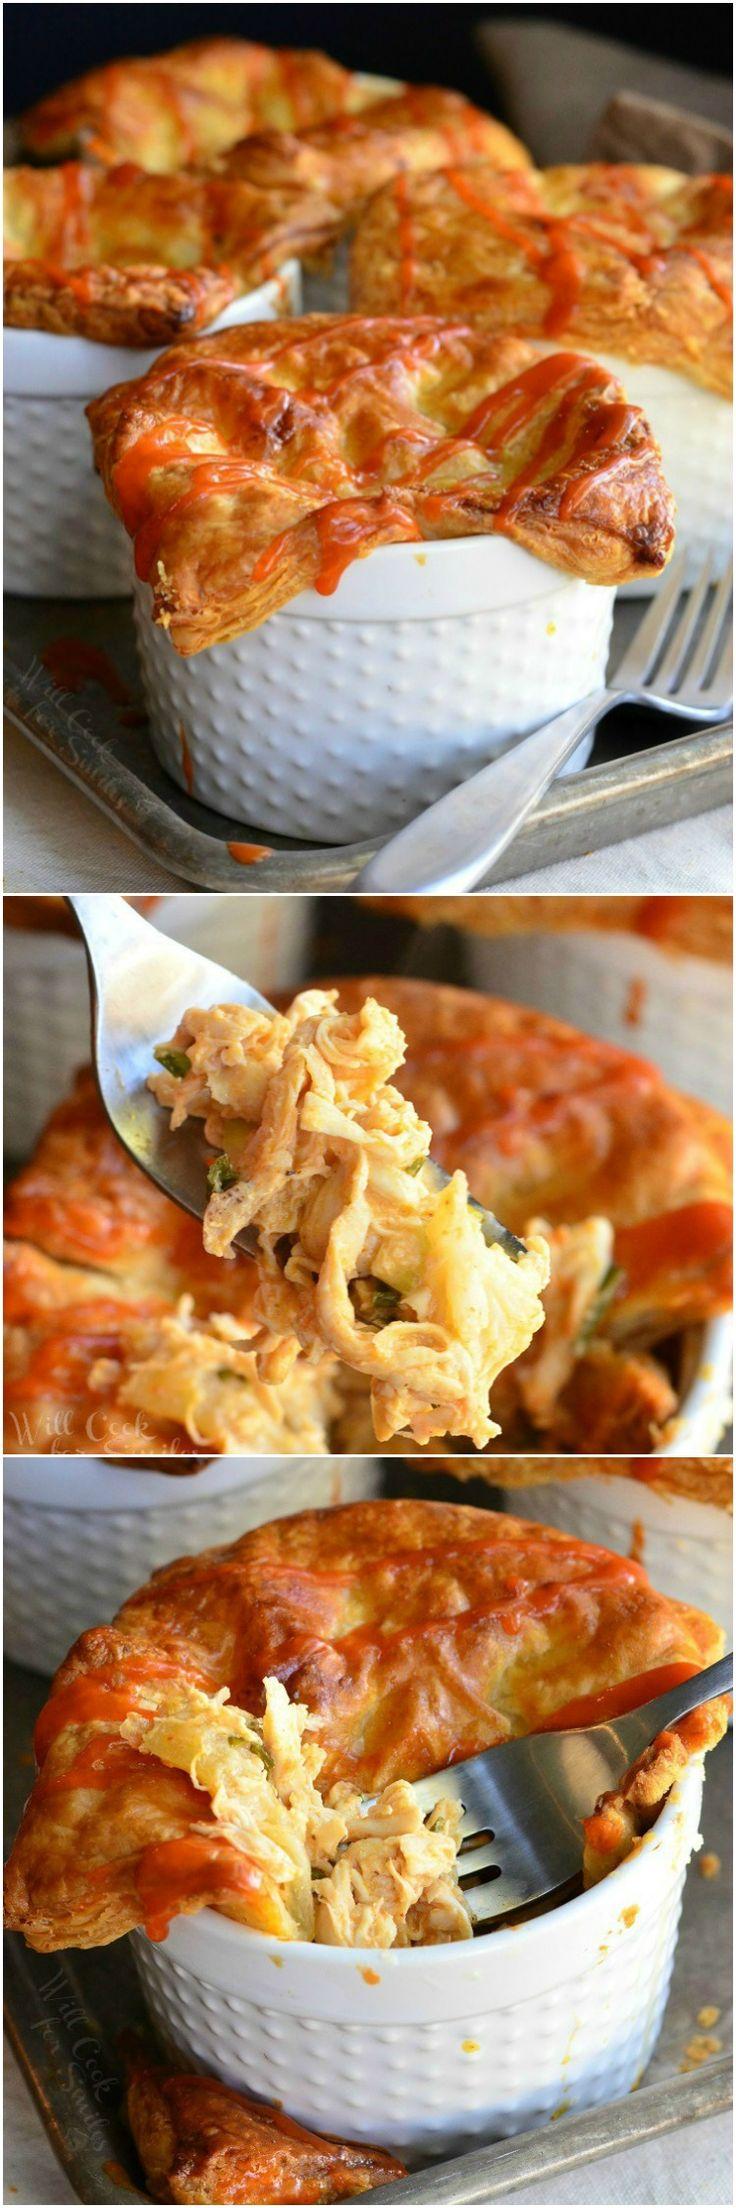 Buffalo Chicken Pot Pie | from willcookforsmiles.com #dinner